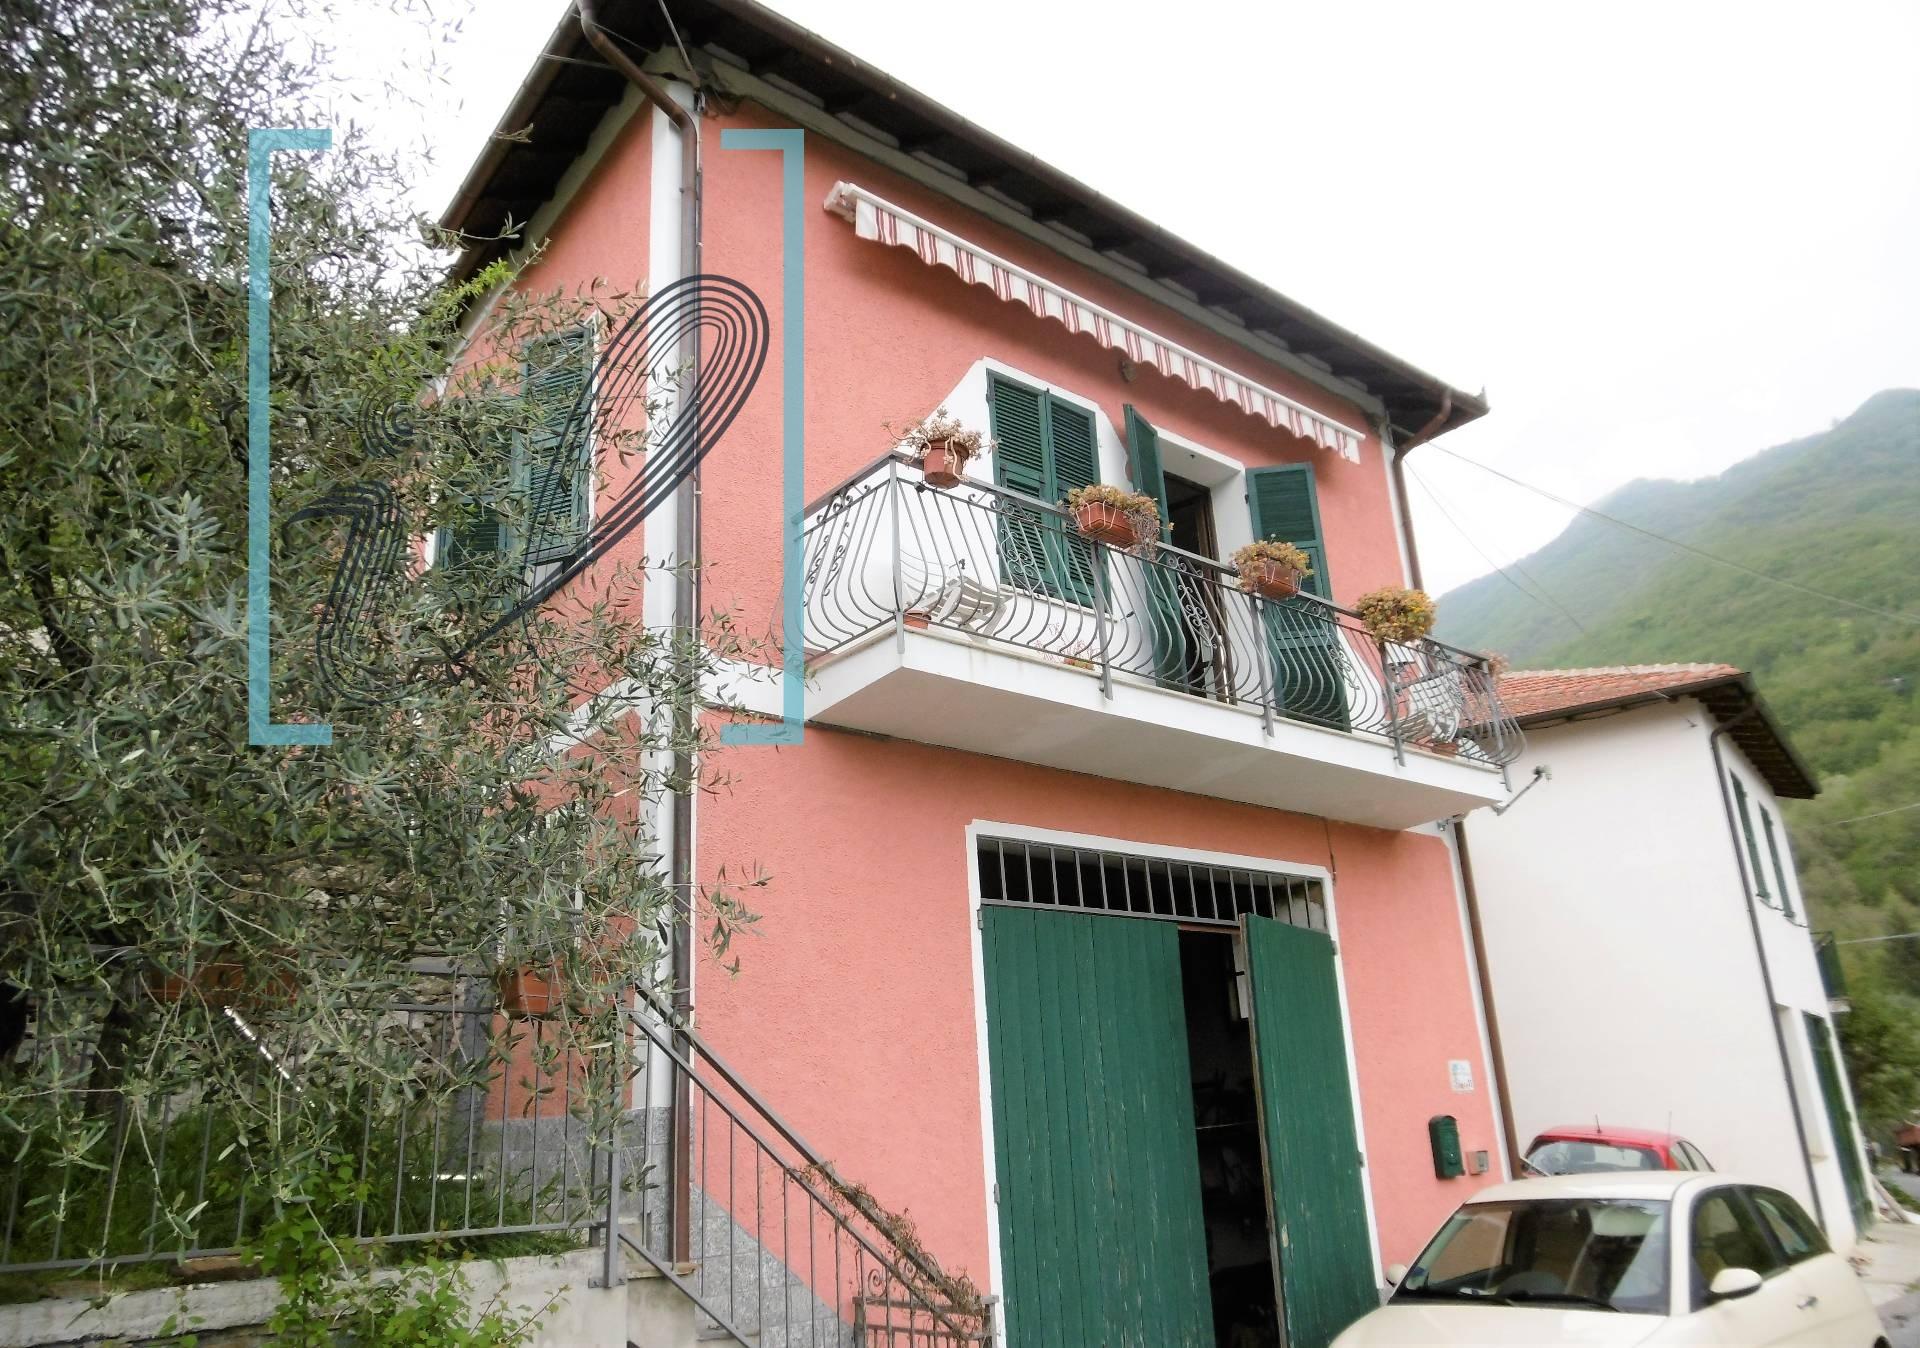 Rustico / Casale in vendita a Pieve di Teco, 4 locali, zona Zona: Nirasca, prezzo € 85.000 | CambioCasa.it